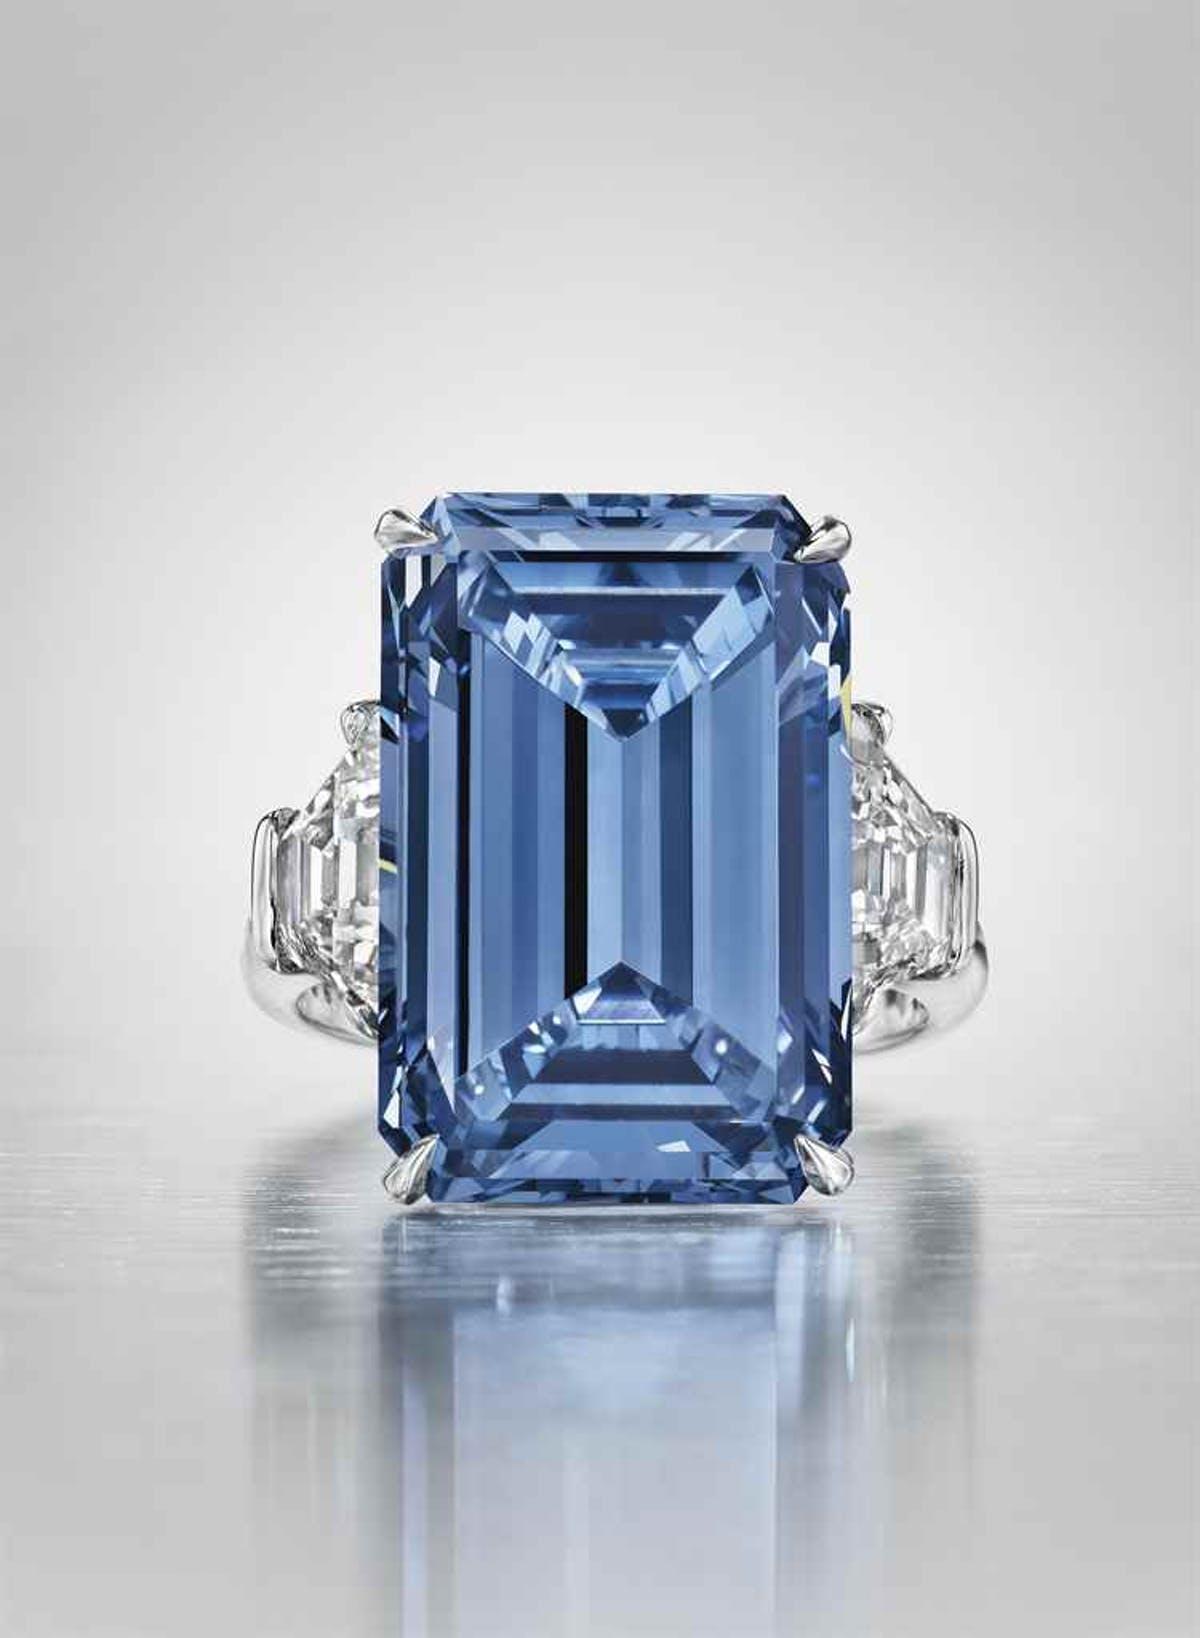 « The Oppenheimer Blue », image ©Christie's